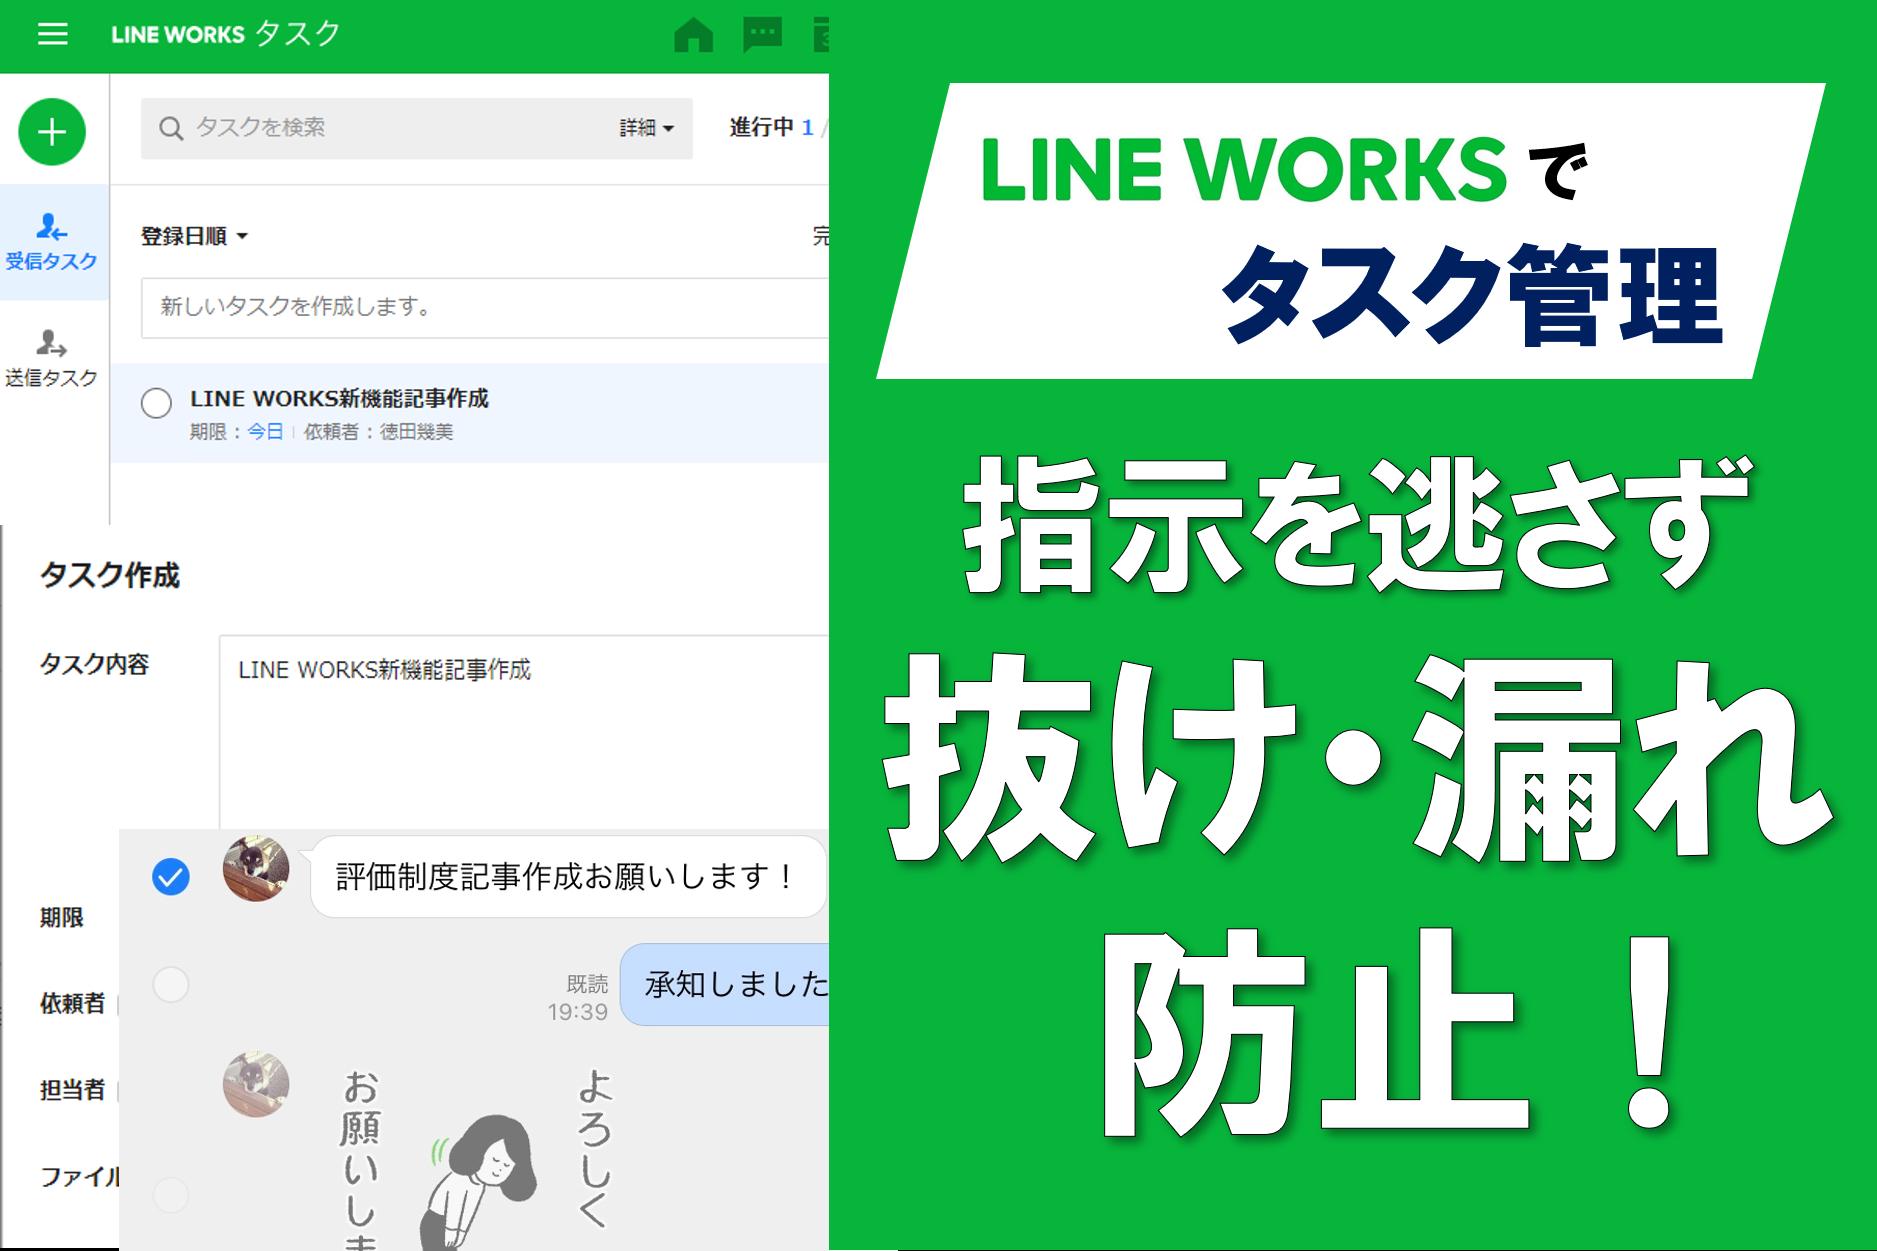 「連絡」「スケジュール管理」だけじゃない!LINEWORKS(ラインワークス)で「タスク管理」